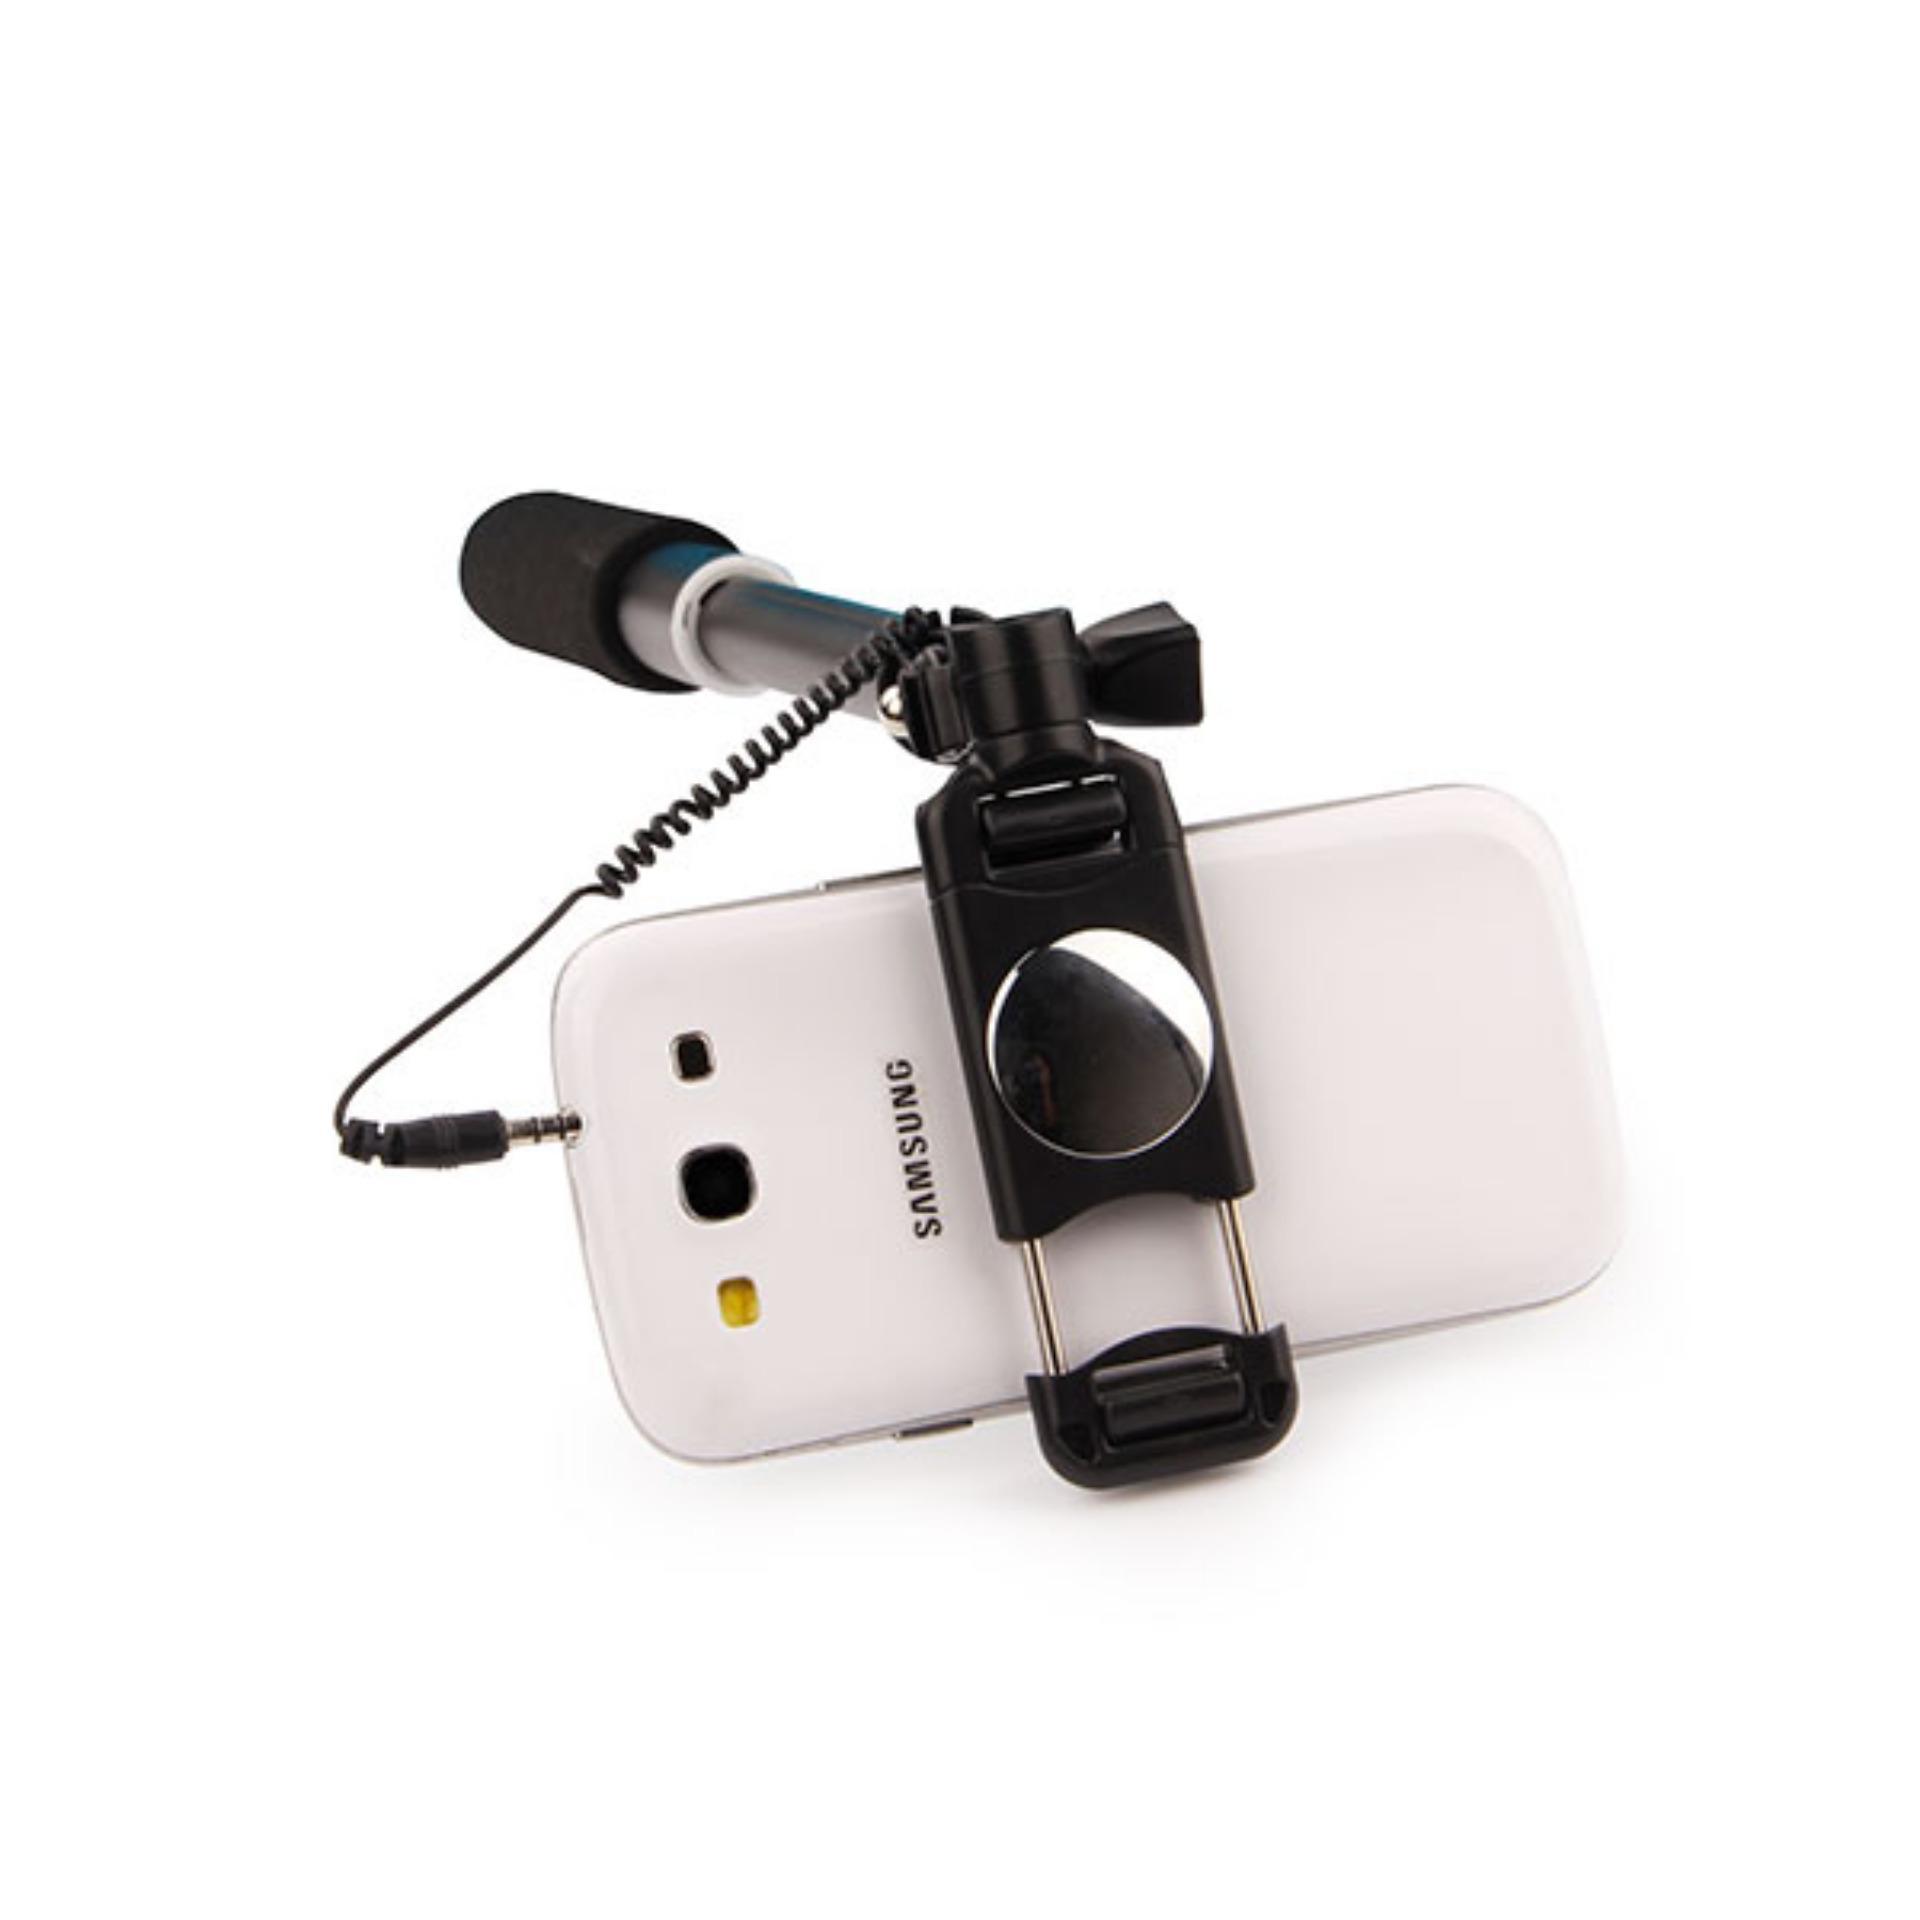 Vivan St02 Foldable Selfie Stick Tongsis Gold Daftar Harga Terkini Spigen Battery Free Wired Velo S530 Premium Hitam